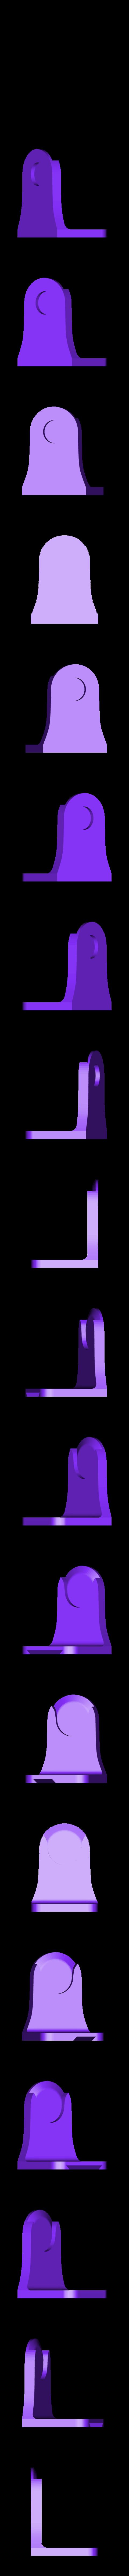 Kitchen_towel_holder_Wall_mount_v1.stl Télécharger fichier STL gratuit Porte-serviettes en papier GRAB et GO. (Pour montage mural ou sur panneau IKEA !) • Design imprimable en 3D, 3DED